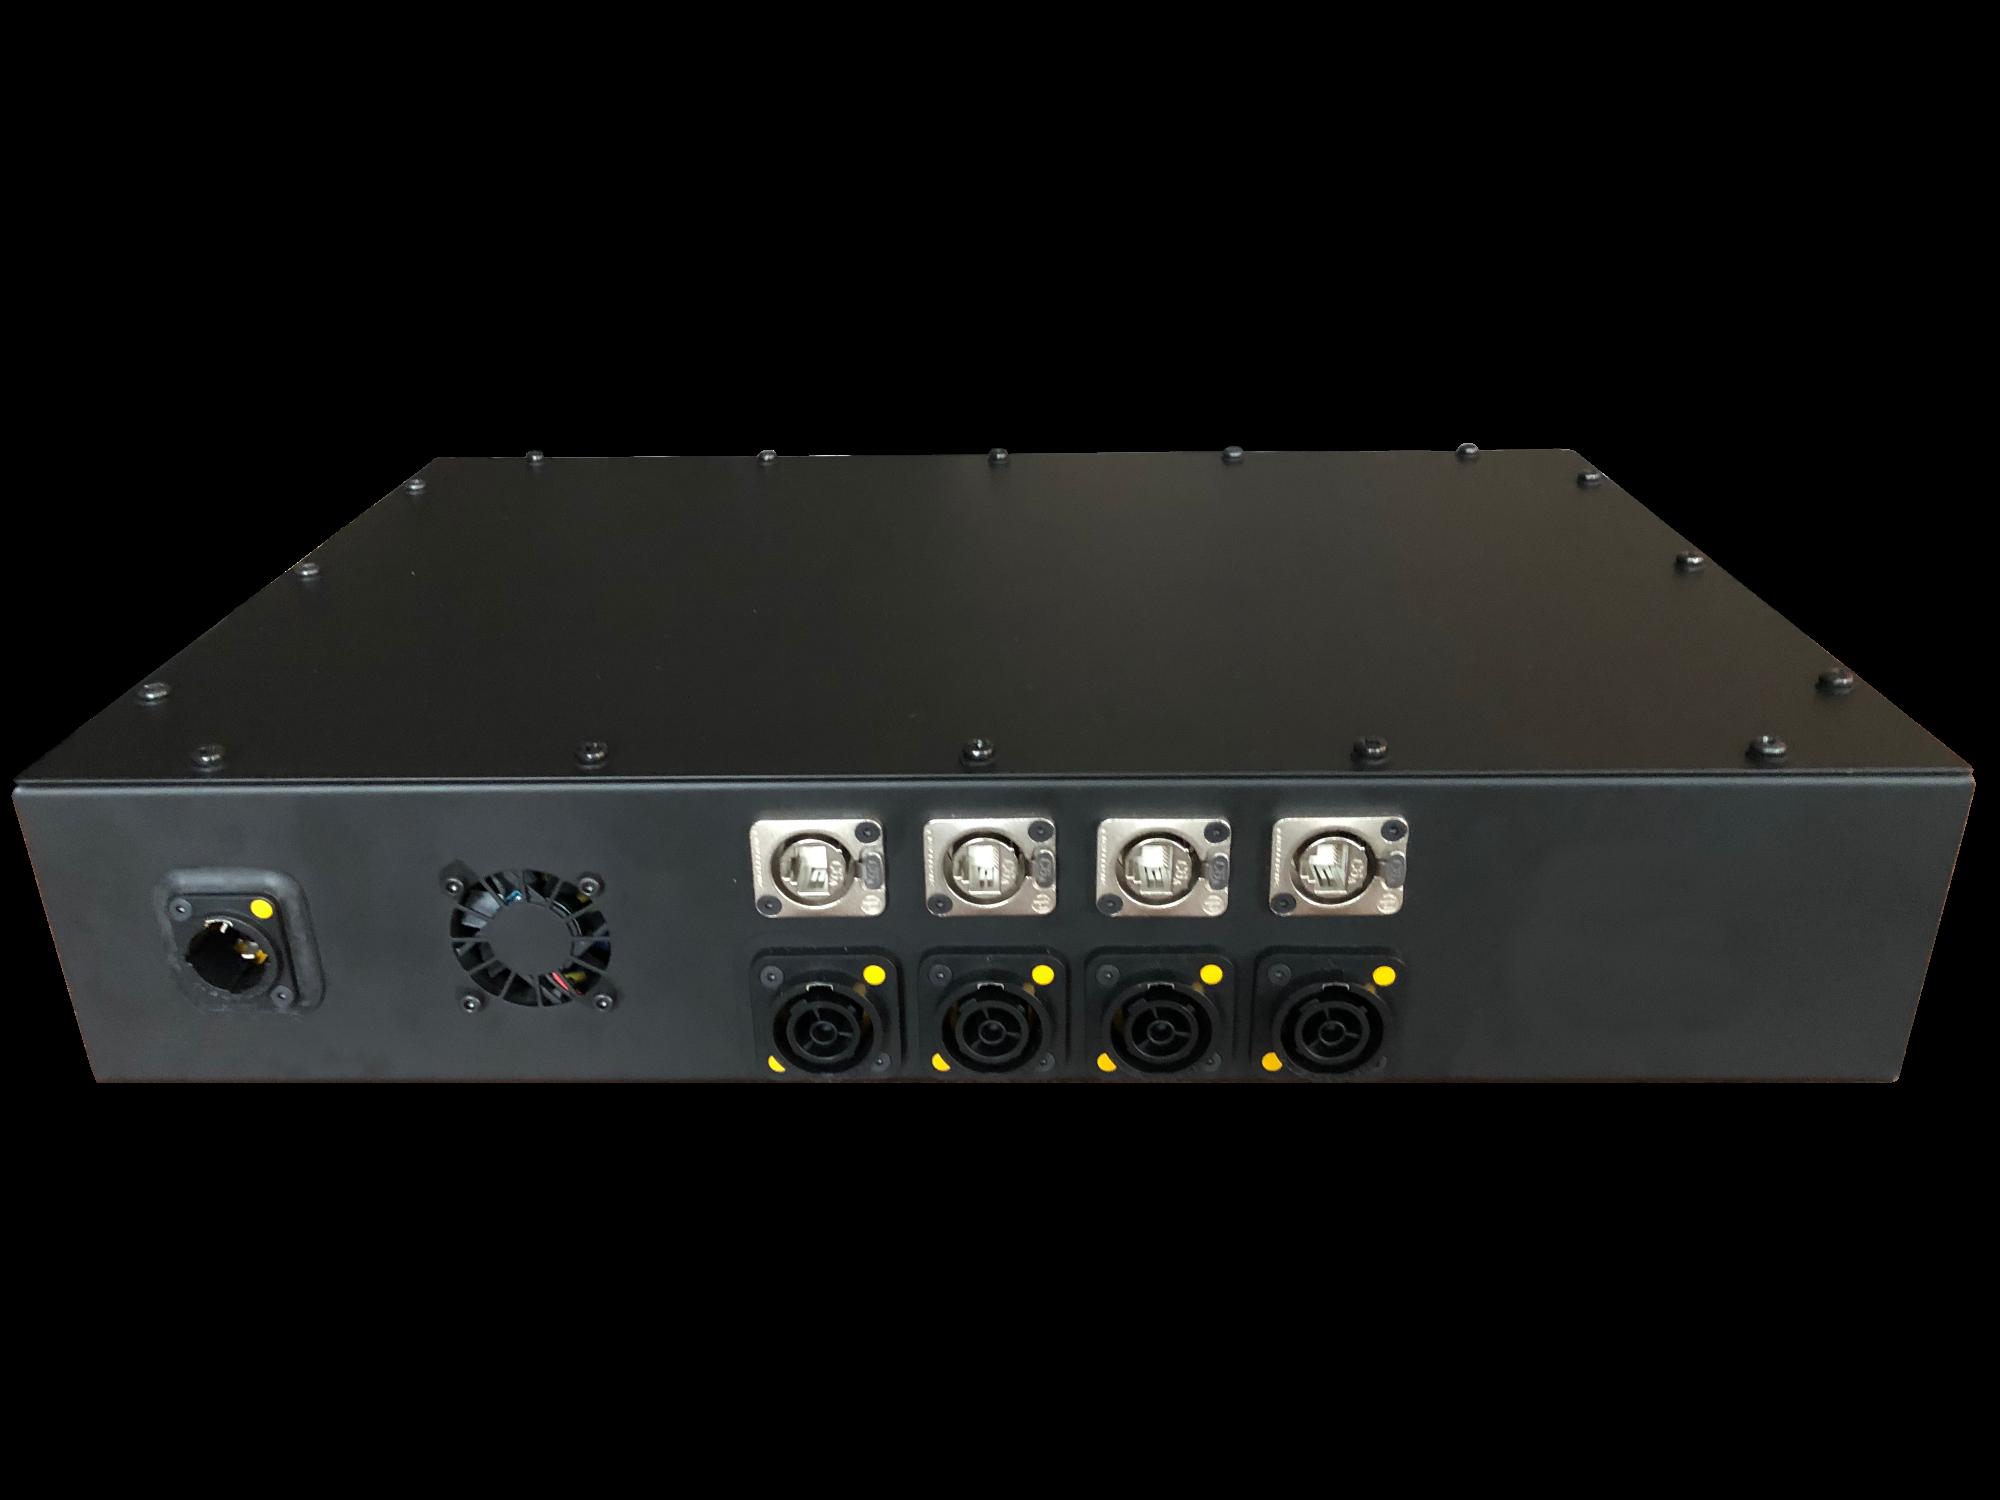 Pro Controller-01 rear